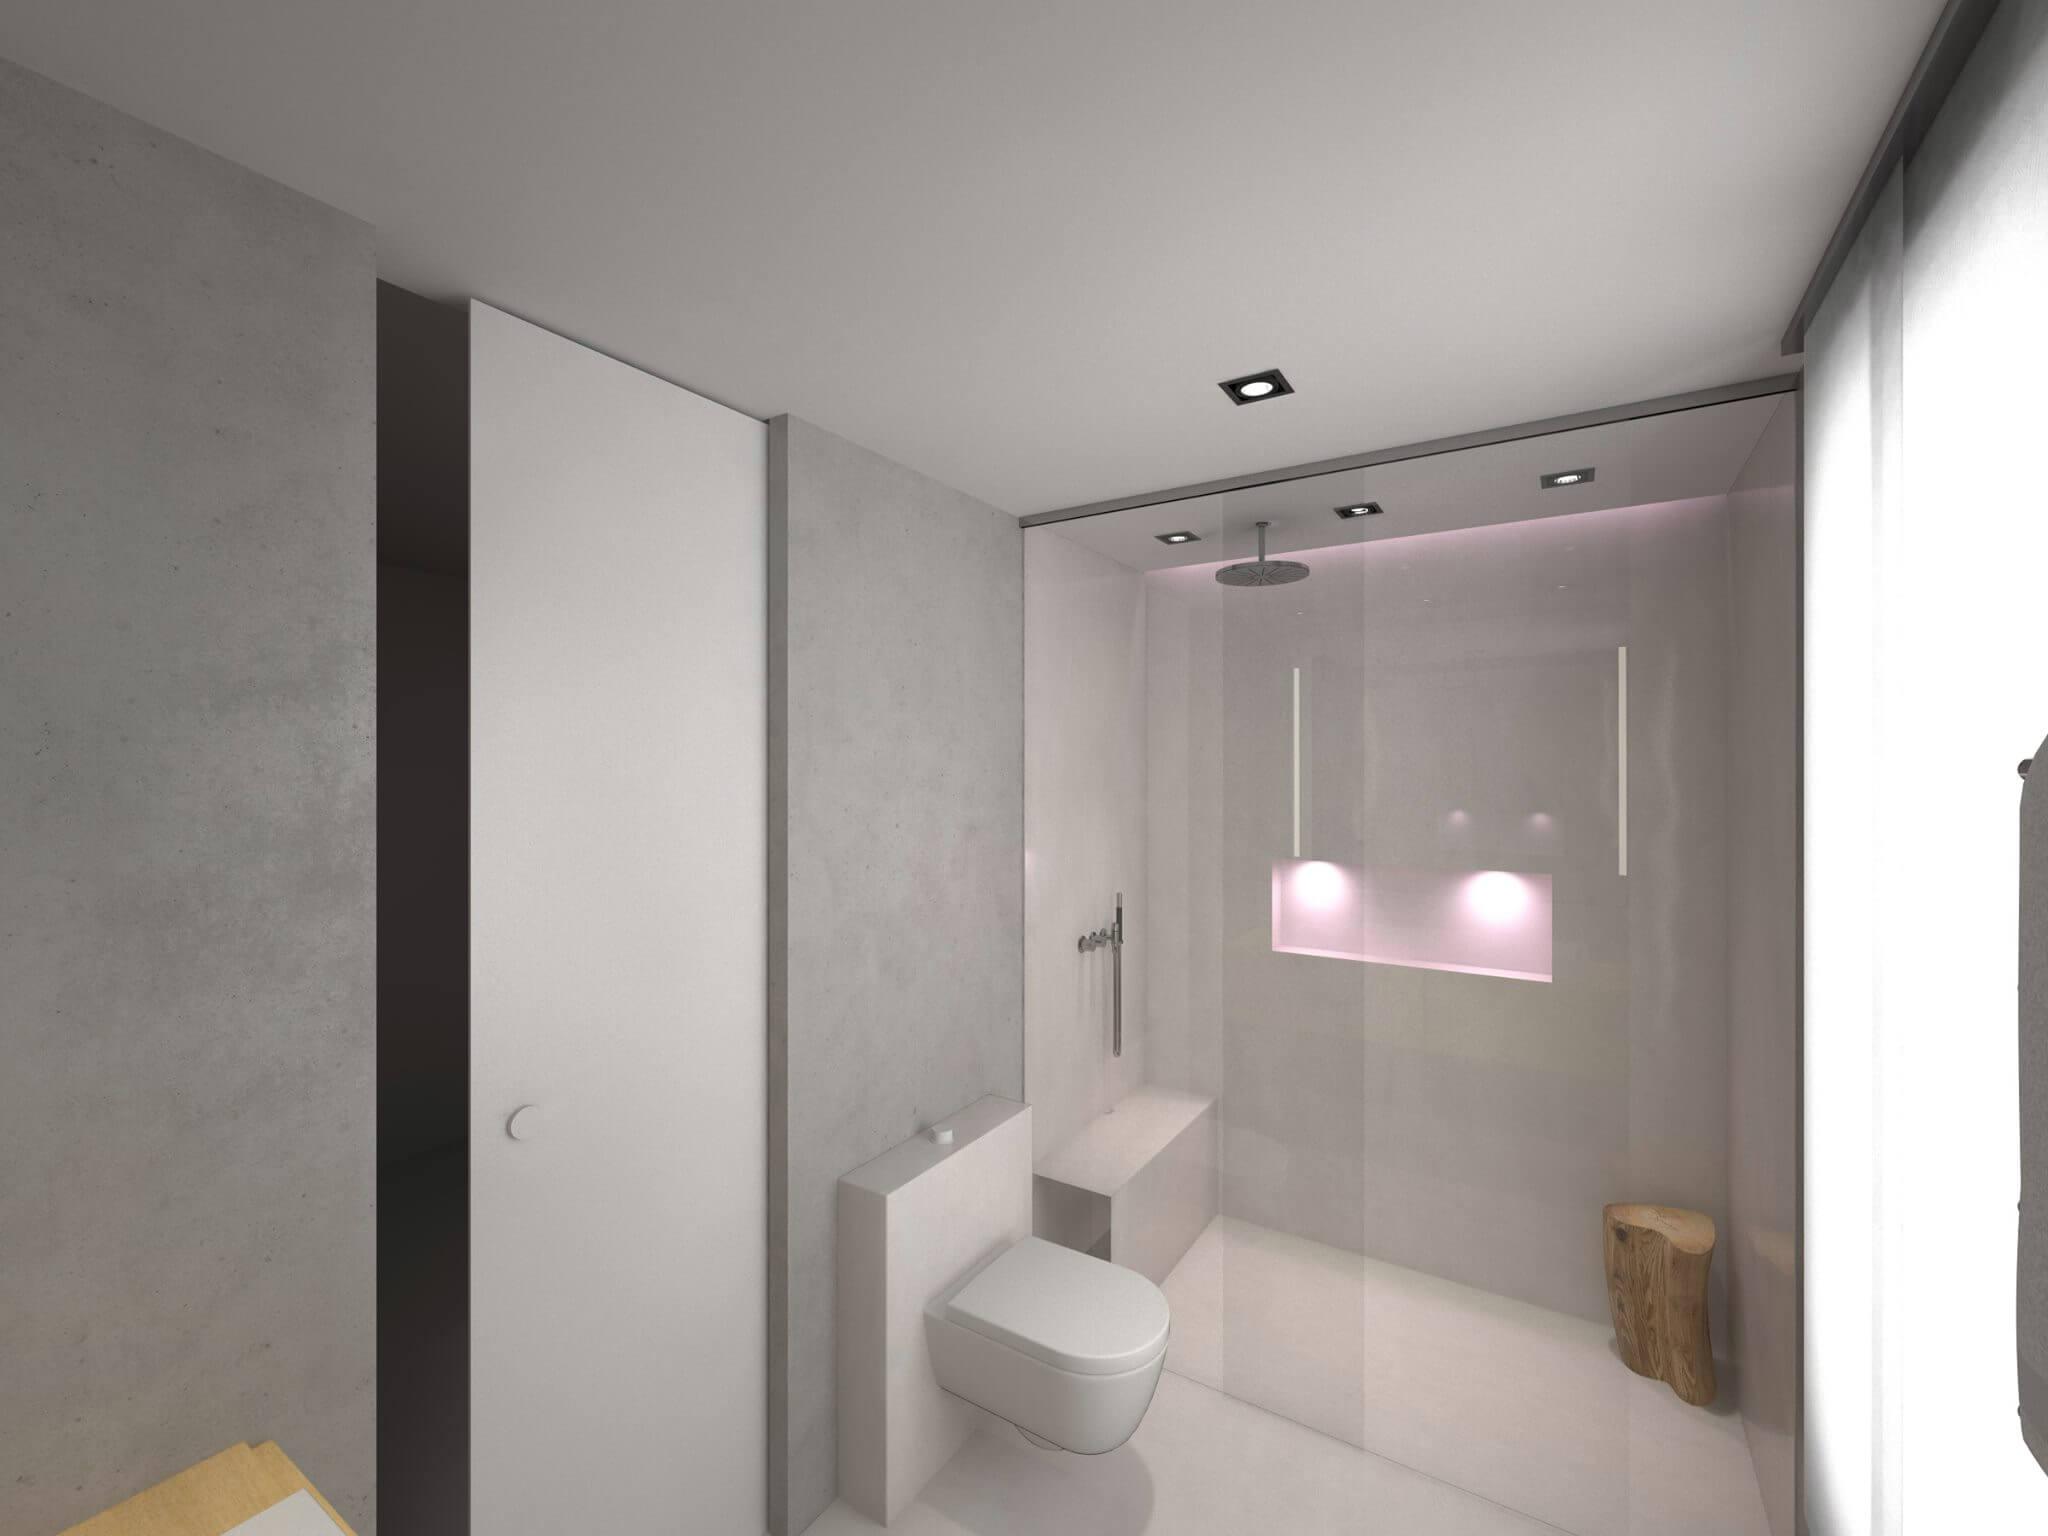 """V-Ray: Das Werkzeug für Profis des 3D Renderings Das moderne System des 3D Renderings V-Ray dient dem Badezimmerplaner der 3D Visualisierung von Abbildungen der Traumbäder, die auch von einer Spiegelreflex-Kamera stammen können. Dieses wird vor allem bei der Planung der Badezimmergestaltung eingesetzt, um die Architektur vom Bad exklusiv individuell und fotorealistisch darzustellen. Bad Designer, 3D Artisten, Lichtdesigner und Experten für die Implementierung unterschiedlichster Wohnstile sind von dem Programm genauso begeistert, wie internationale 3D Artisten. Egal ob ein modernes Designbad mittels 3D Visualisierung dargestellt werden oder ein bestimmtes Produktdesign umgesetzt soll oder ein millionenhochbewertetes Spielfilmprojekt ansteht – Ihre Vorteile hat V-Ray in der Lieferung moderner, fotorealistischer Bilder in einer High-End Qualität, von der ich als Experte und Profi für unterschiedlichste Wohnstile schwärme. Ein erfahrener 3D Artist weiß daran vor allem die Flexibilität der Algorhythmen beim Lichtdesign im Funktionsbad und der Planung der LED und Voute Beleuchtung beim Bad Planen zu schätzen. Gemäß des Ausspruchs """"Es werde Licht"""", kann die Lichtstimmung der Luxusbäder mit der GI Lichtverteilung in der Badezimmer Visualisierung optimal und professionell eingefangen und zu einem gleichberechtigten Teil der Badeinrichtung werden. Sichtbare Lichtstrahlen und das individuell durch das Fenster scheinende Tageslicht werden bei den 3D Architekturvisualisierungen der Bädergestaltung im Funktionsbad berücksichtigt. Getreu dem Motto """"The Sky is the Limit"""" verfügt das System für Spa Visualisierung über einen Staubpartikeleffekt. Mittels diesem Staubpartikeleffekt werden selbst feinste Staubpartikel beim visuellen Bad Gestalten individuell mittels V-Ray angezeigt."""